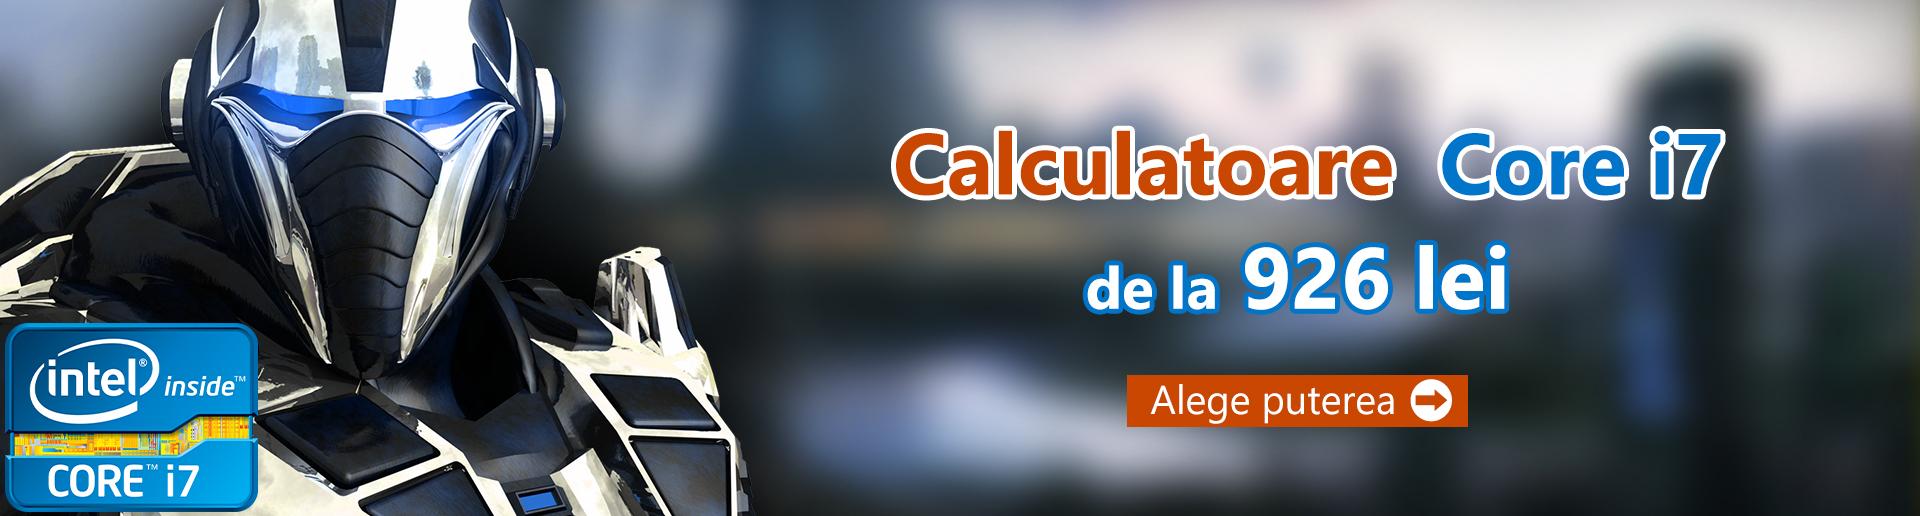 Calculatoare i7